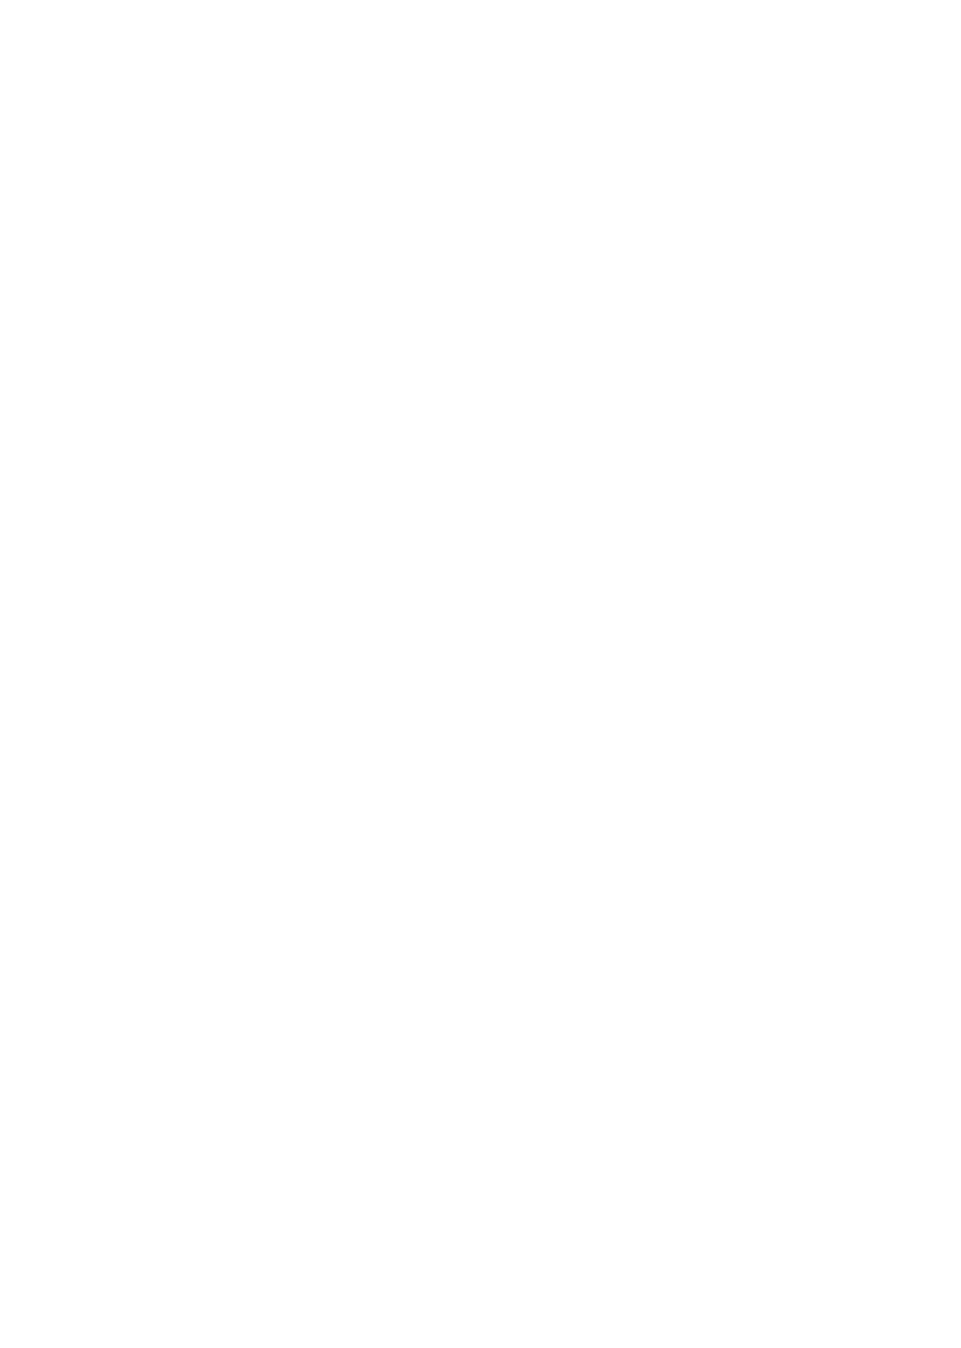 Anioły [AiB] Razem dla Łomży